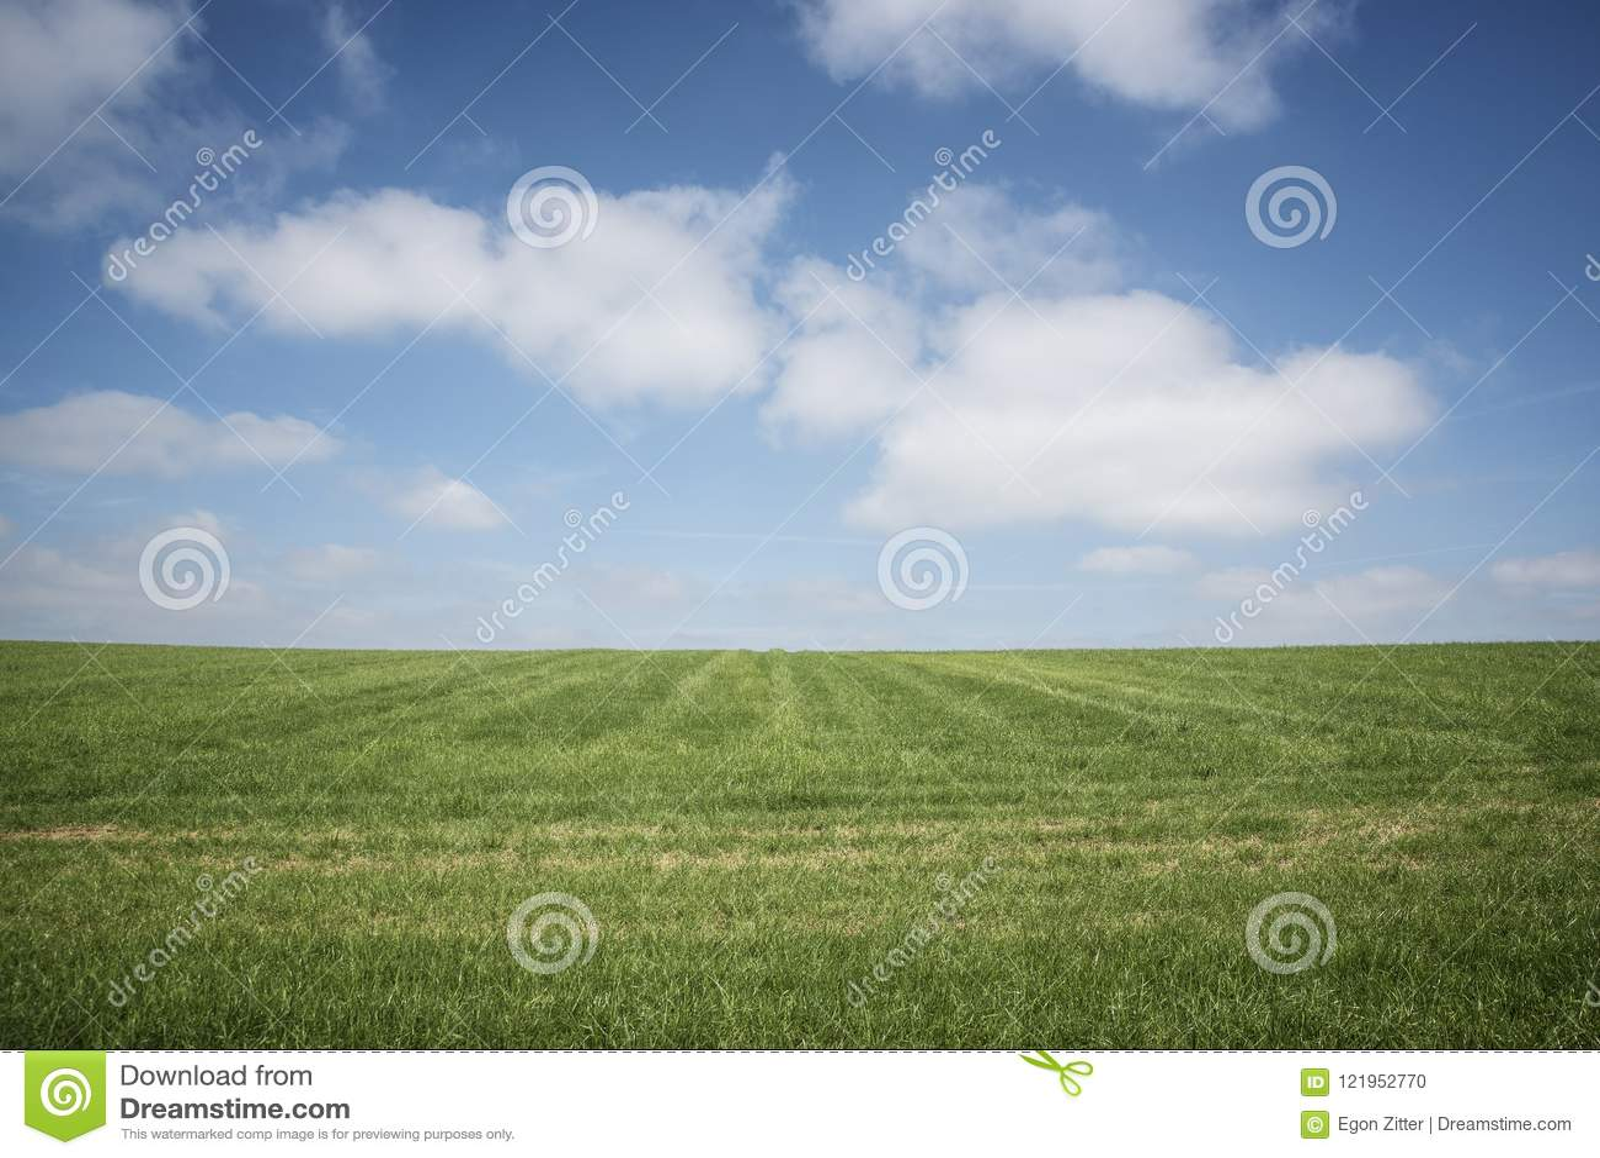 Μπλε ουρανός, πράσινη χλόη, άσπρα σύννεφα